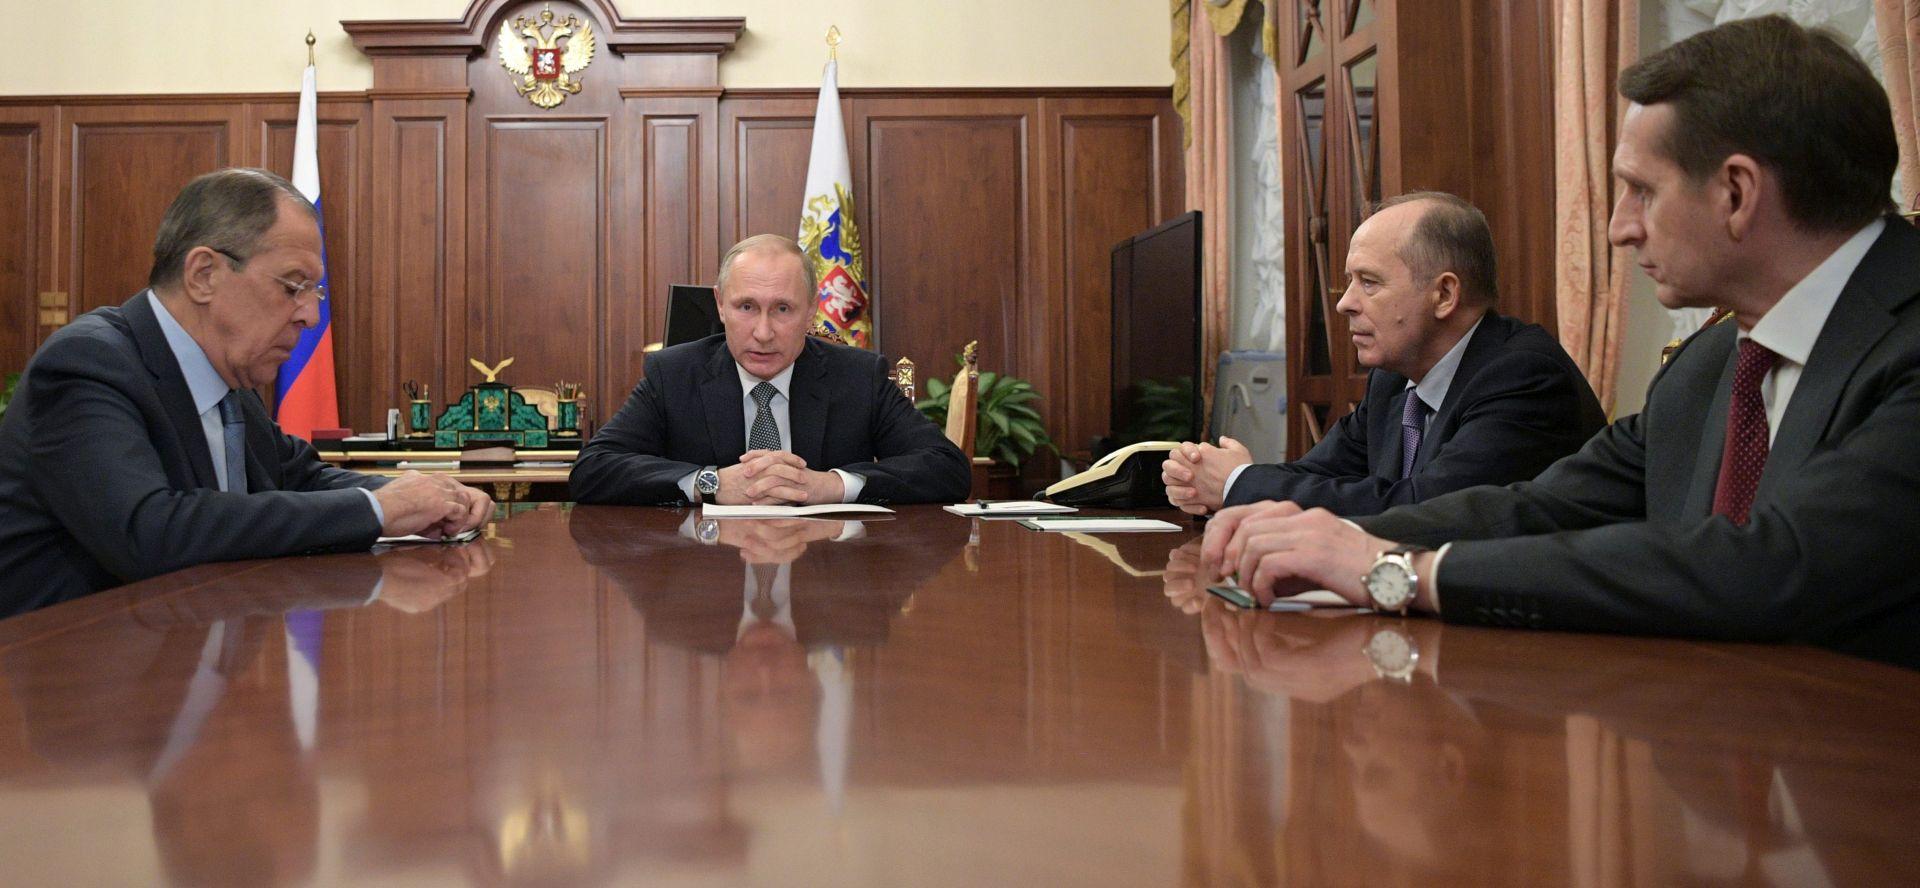 RUSIJA Putin naredio pojačane mjere sigurnosti tajnih službi